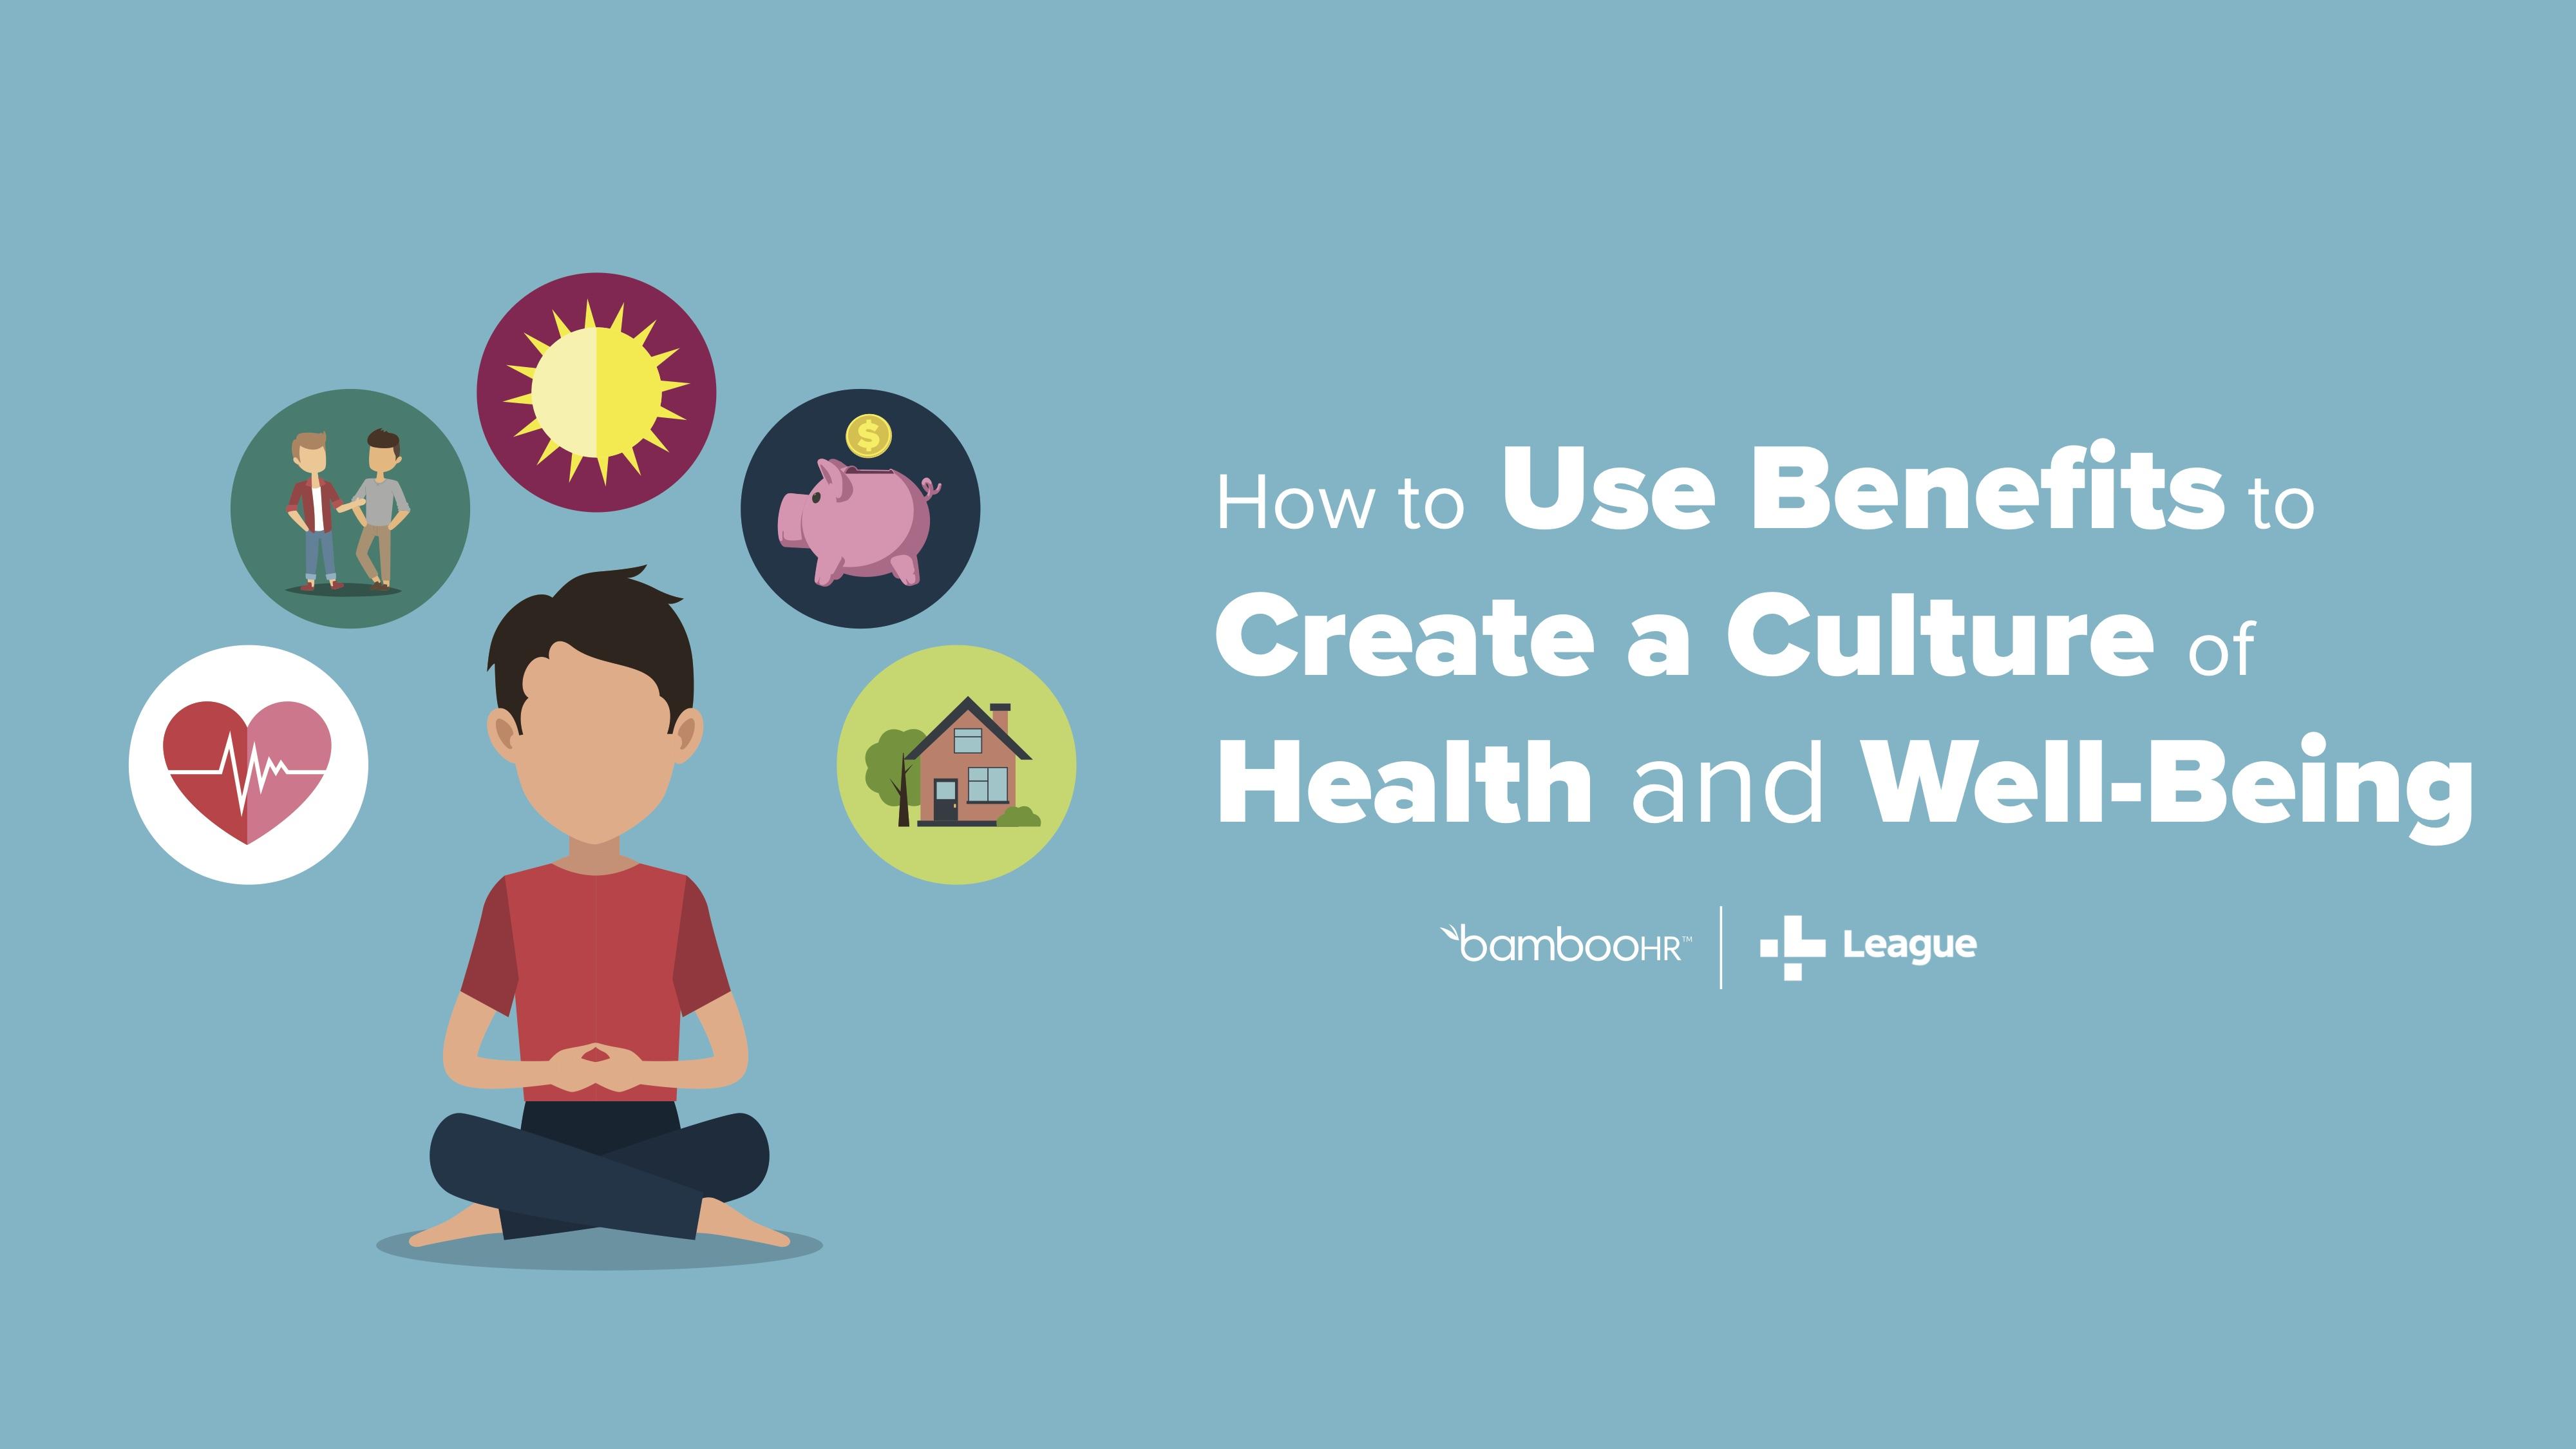 如何利用利益创造健康和幸福的文化